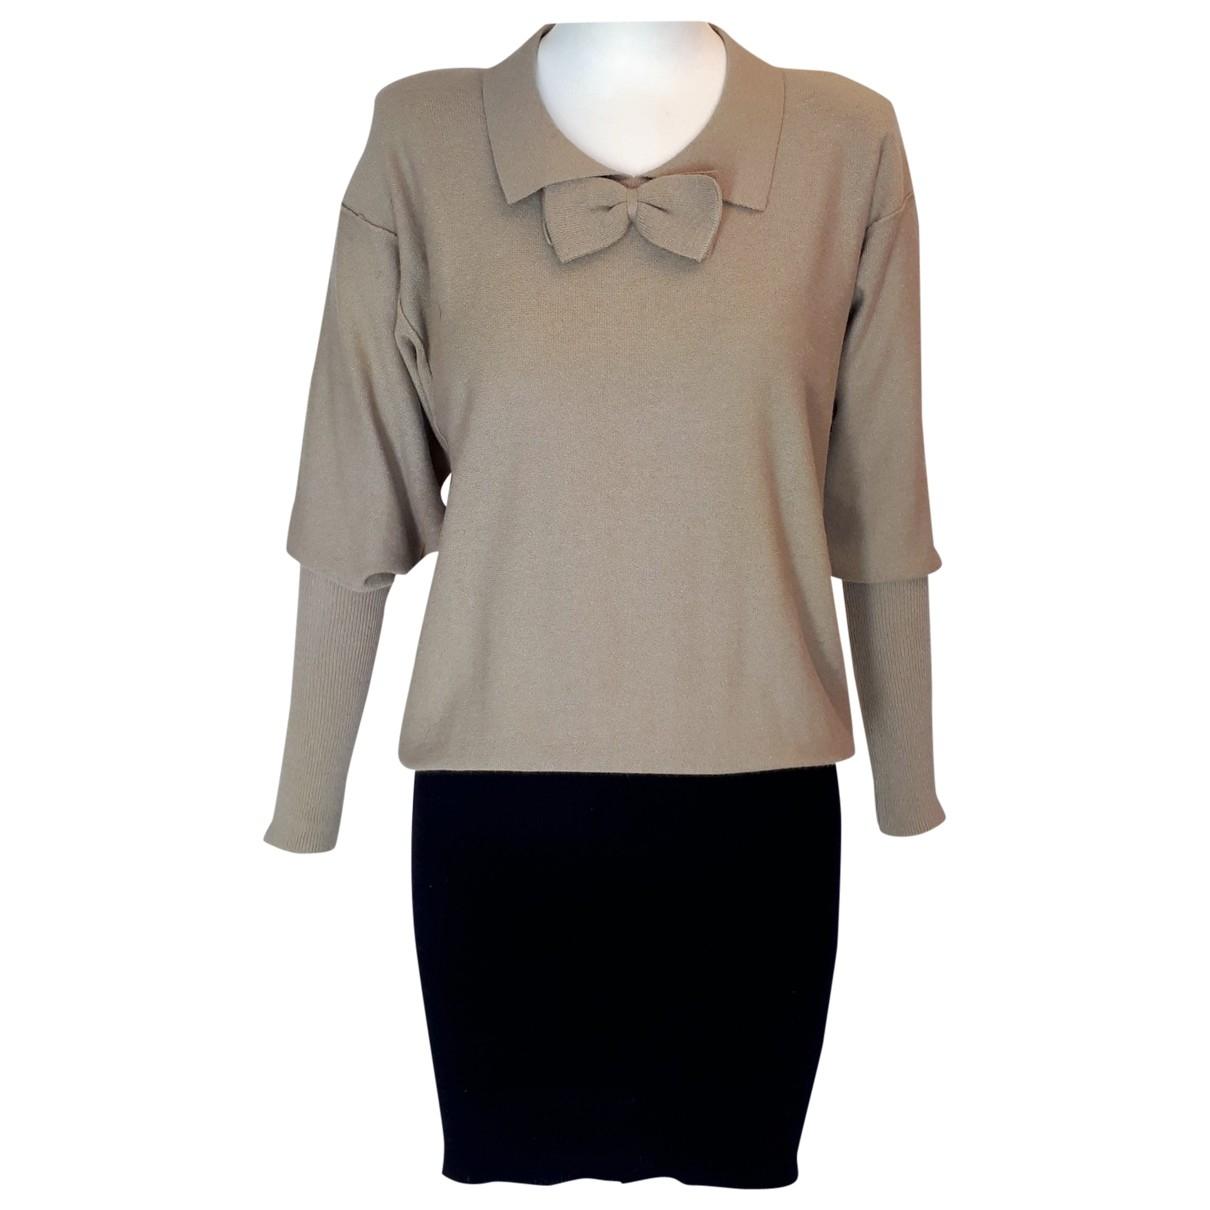 Sonia Rykiel \N Kleid in  Beige Wolle